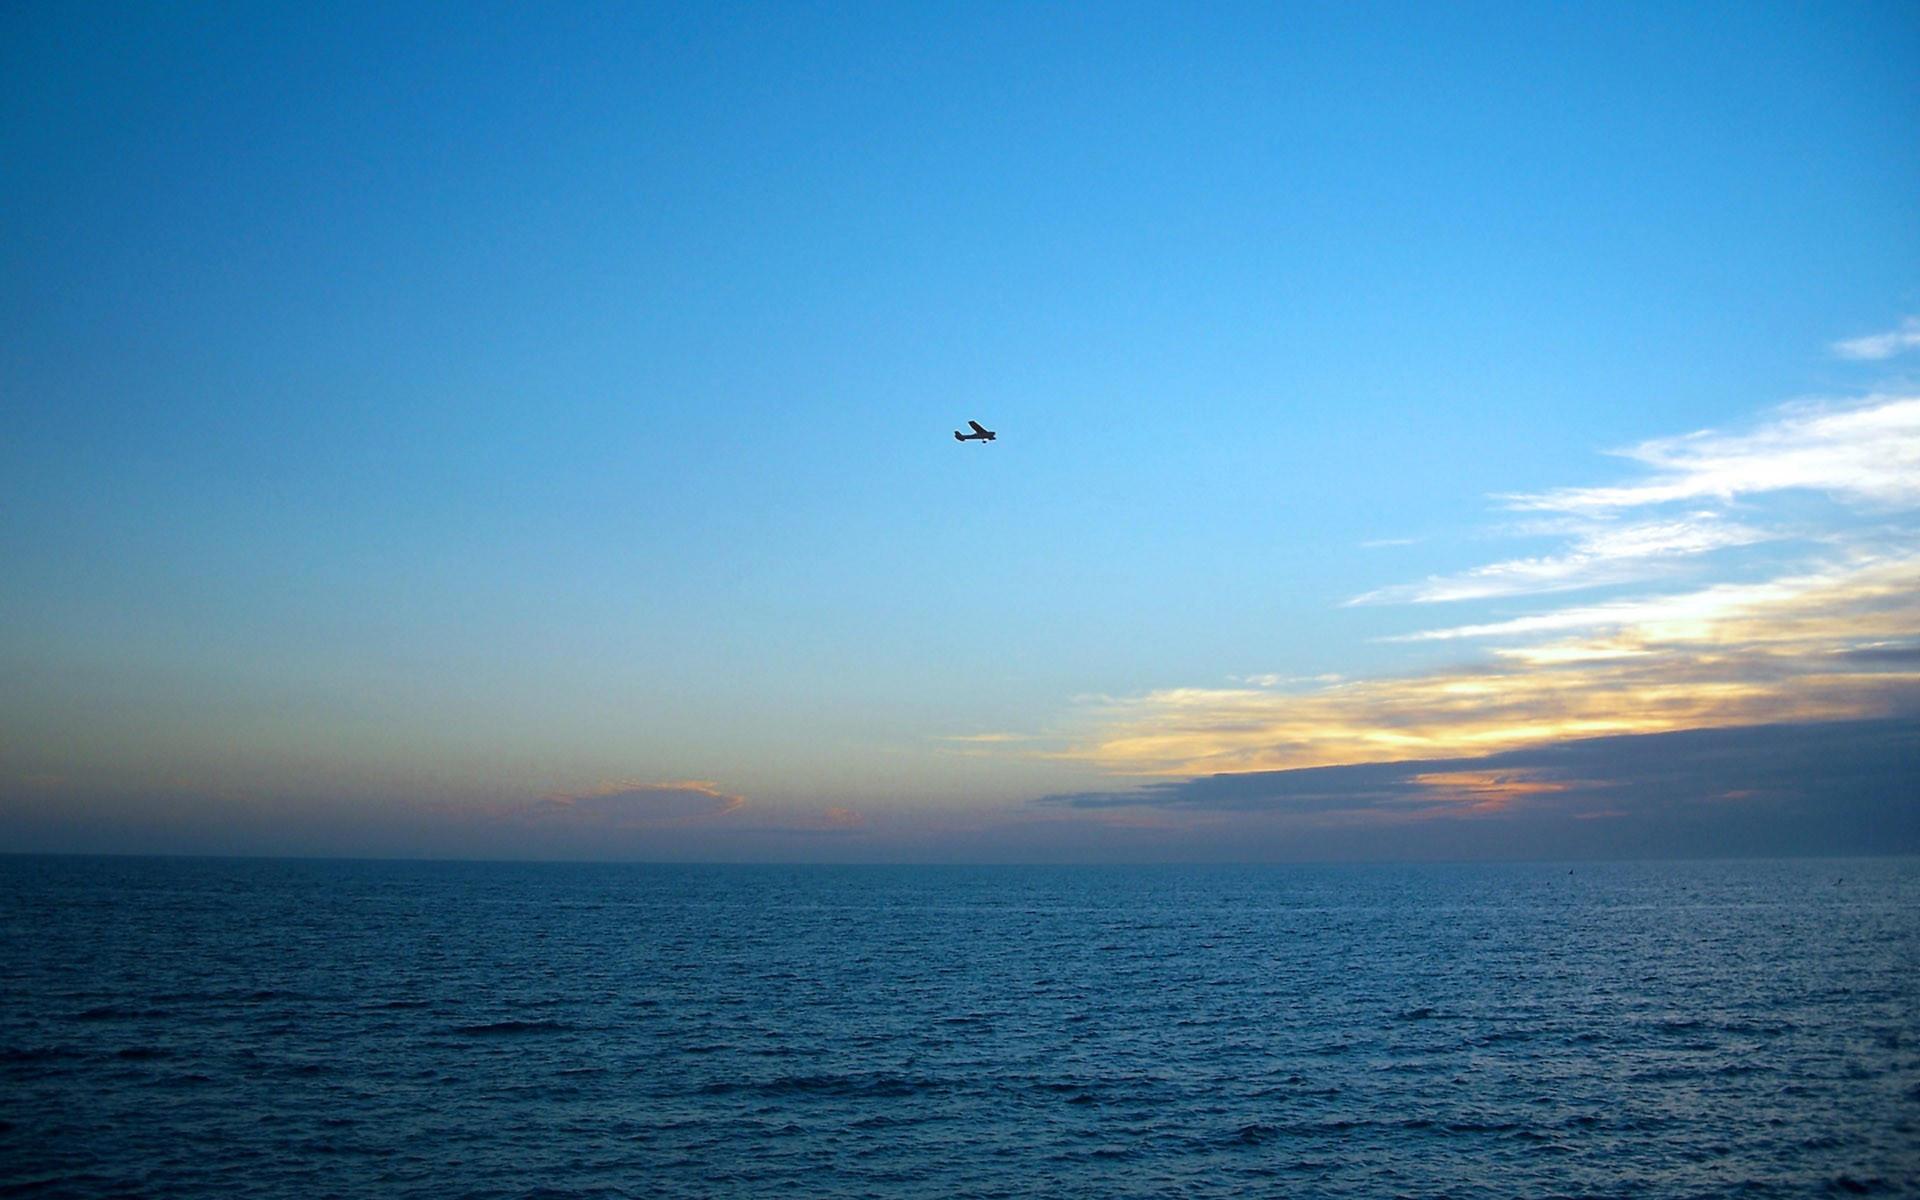 Самолет над морем